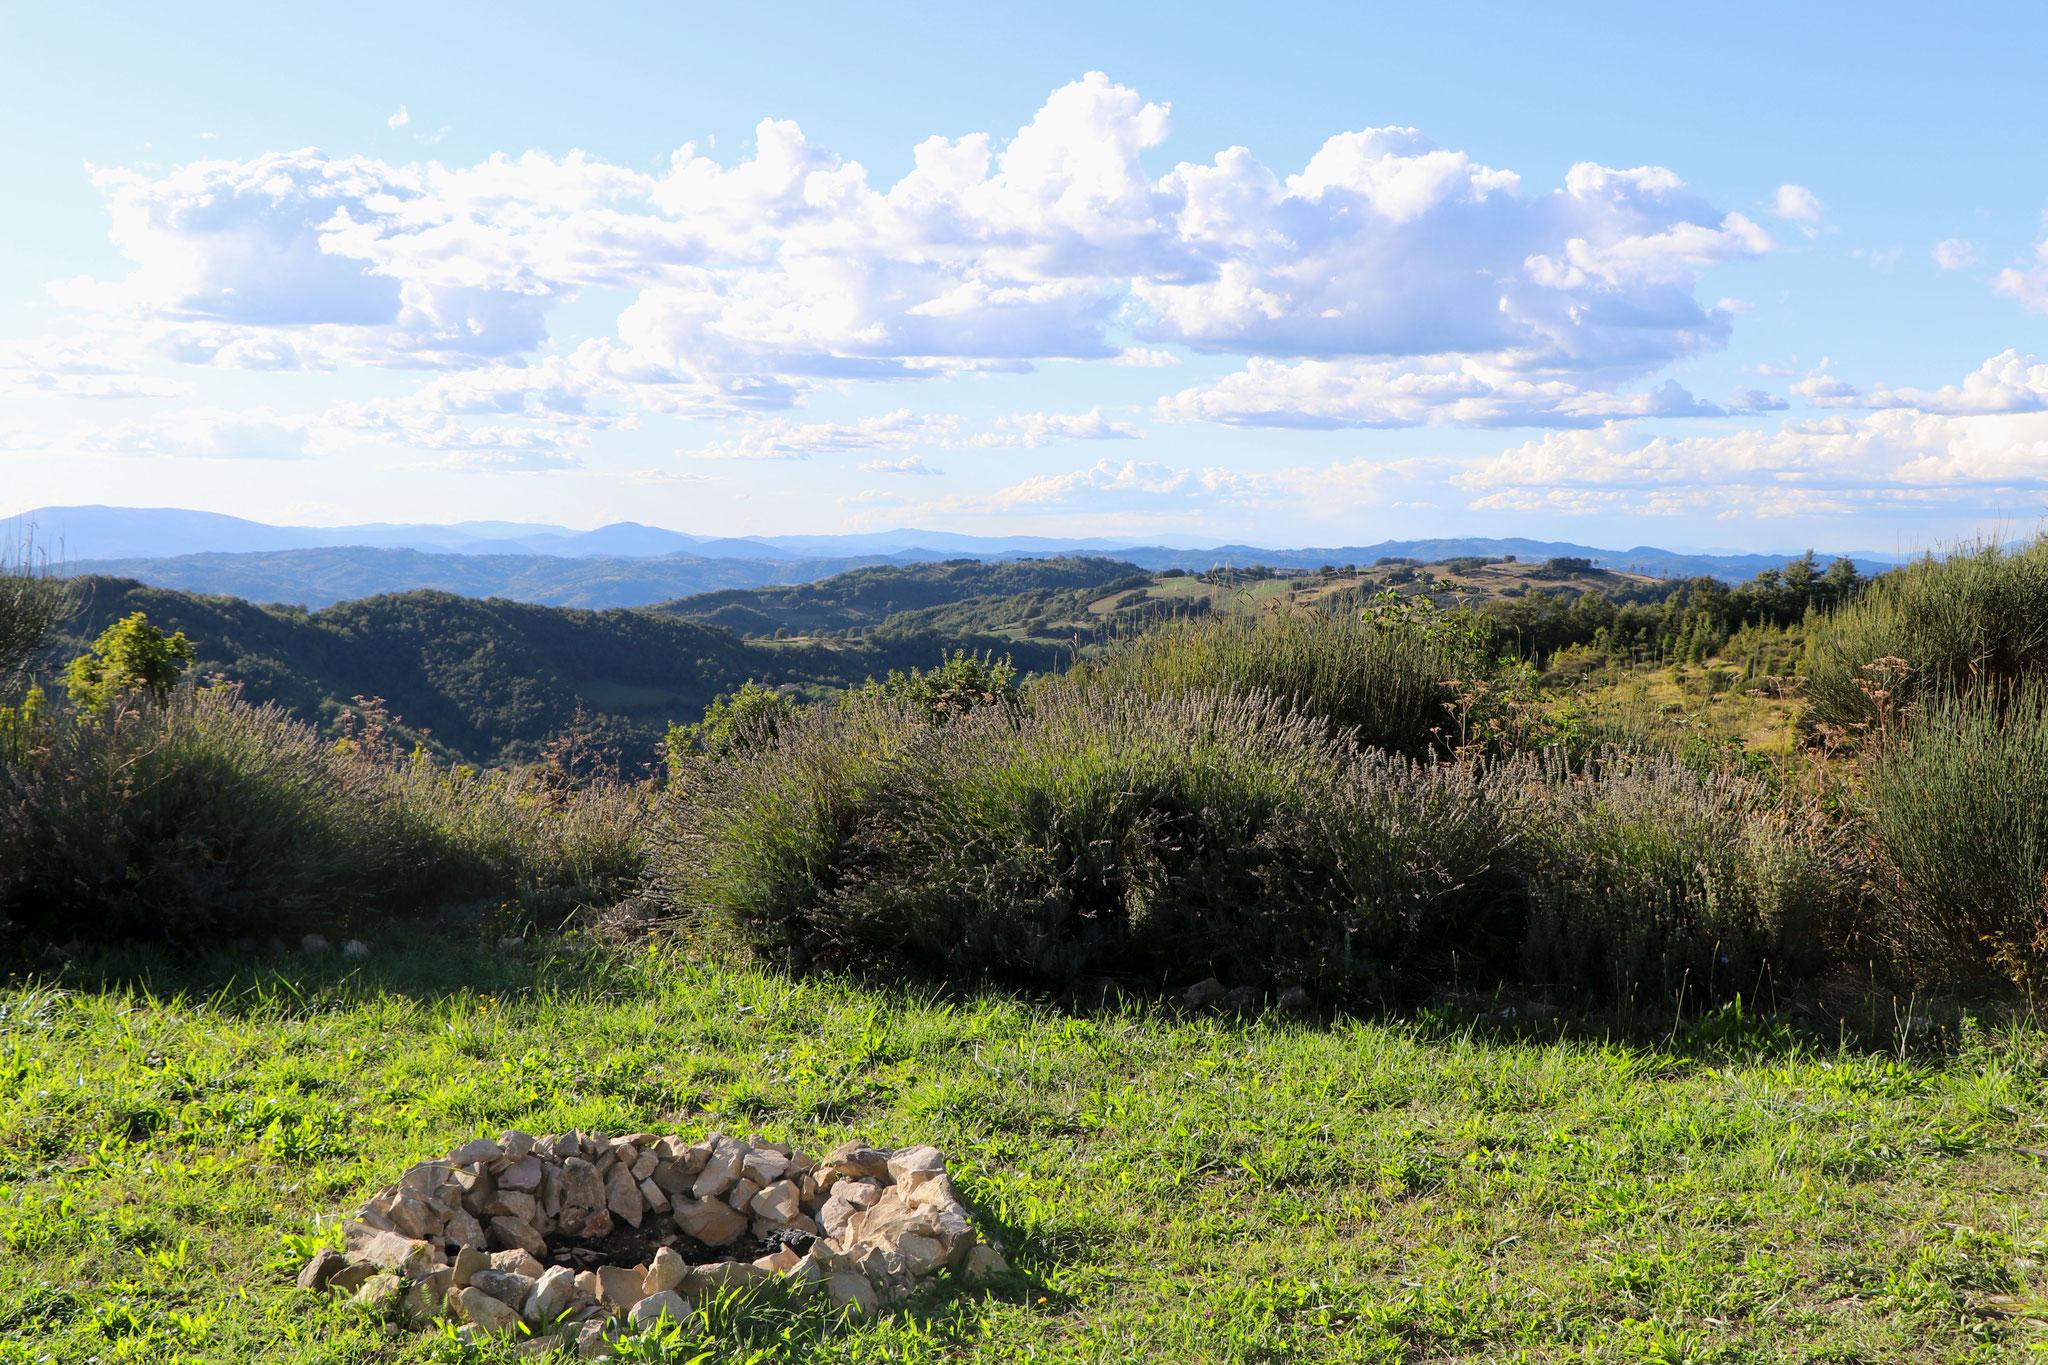 Blick vom Kreativ-Studio aus über die Hügel von Umbrien.